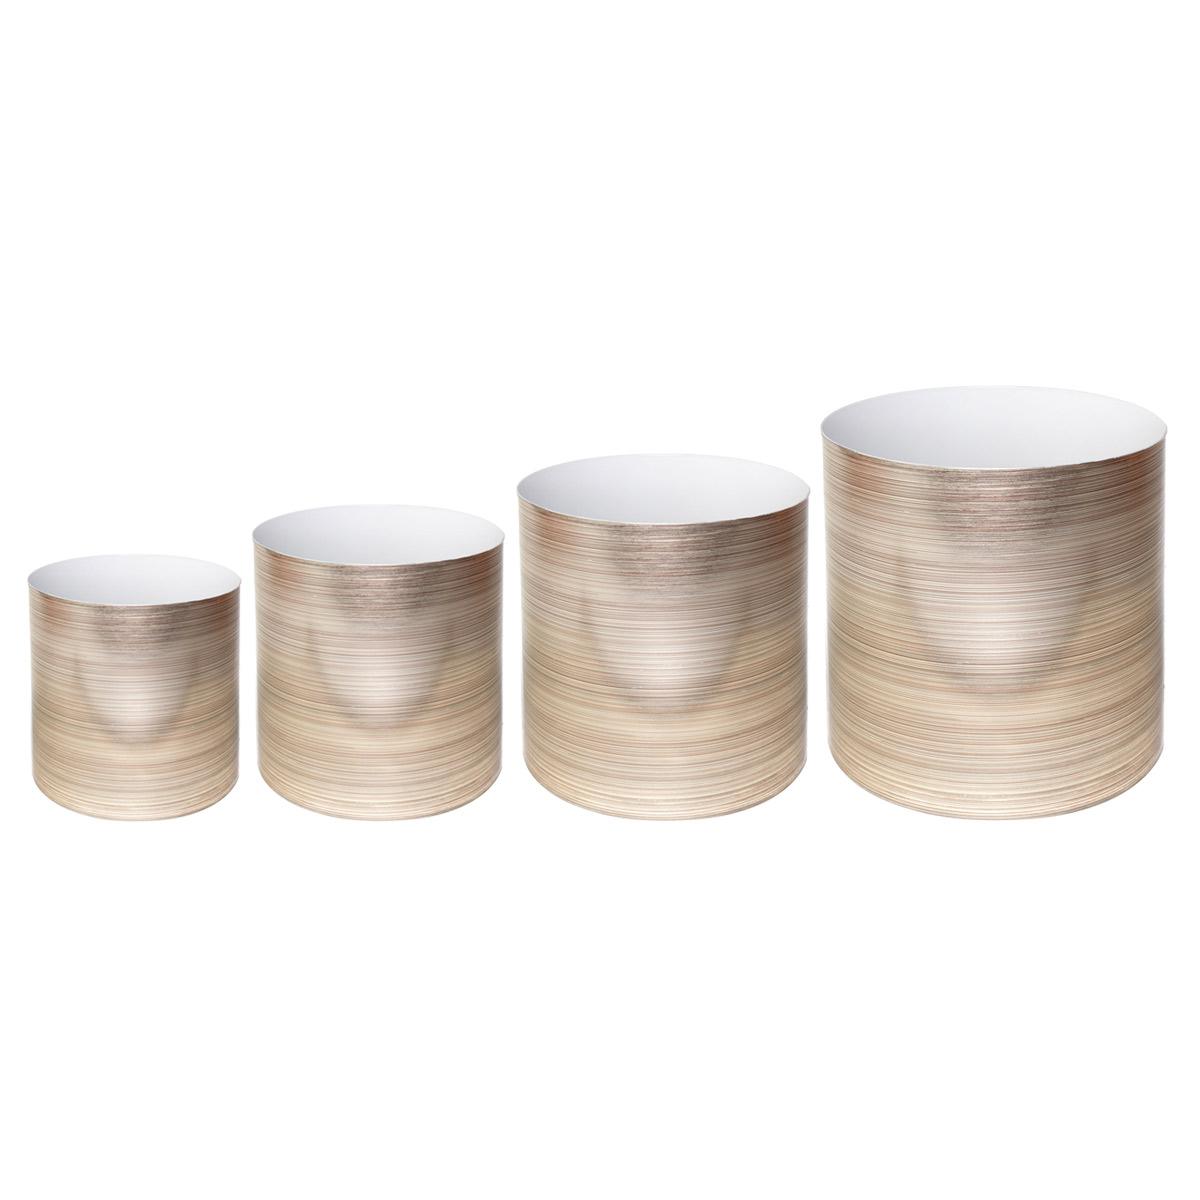 Набор горшков для цветов Miolla Золото, со скрытым поддоном, 4 предметаZ-0307Набор Miolla Золото состоит из 4 горшков со скрытыми поддонами. Горшкивыполнены из пластика. Изделия предназначены для цветов. Изделия оснащены специальными скрытыми поддонами.Диаметр горшков: 20,5 см, 16,5 см, 13,5 см, 11,5 см.Высота горшков (с учетом поддона): 19 см, 16 см, 13,5 см, 11,5 см.Объем горшков: 1 л, 1,7 л, 2,8 л, 5,1 л.